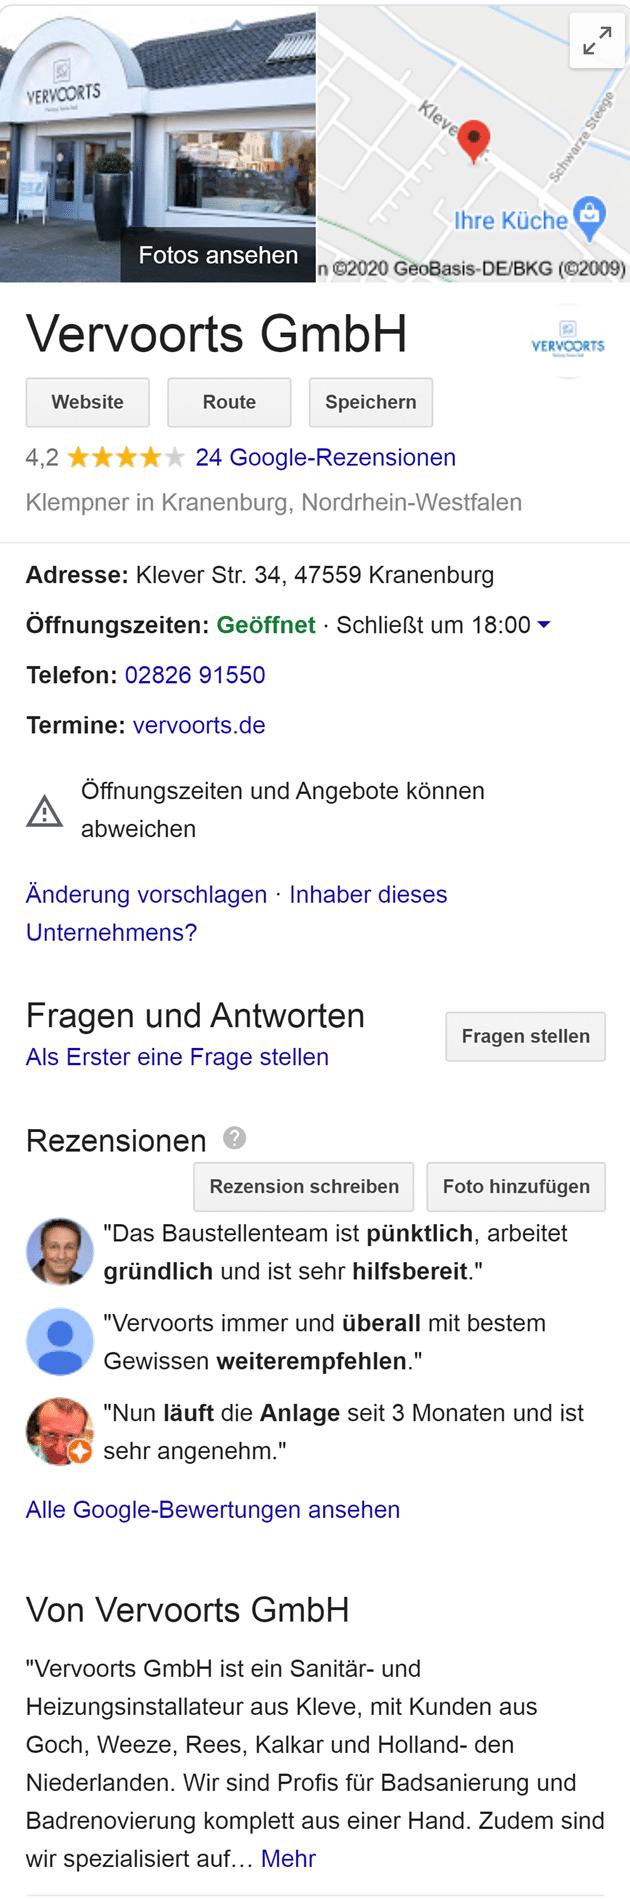 Beispiel für einen Google My Business Eintrag Darstellung der One Box